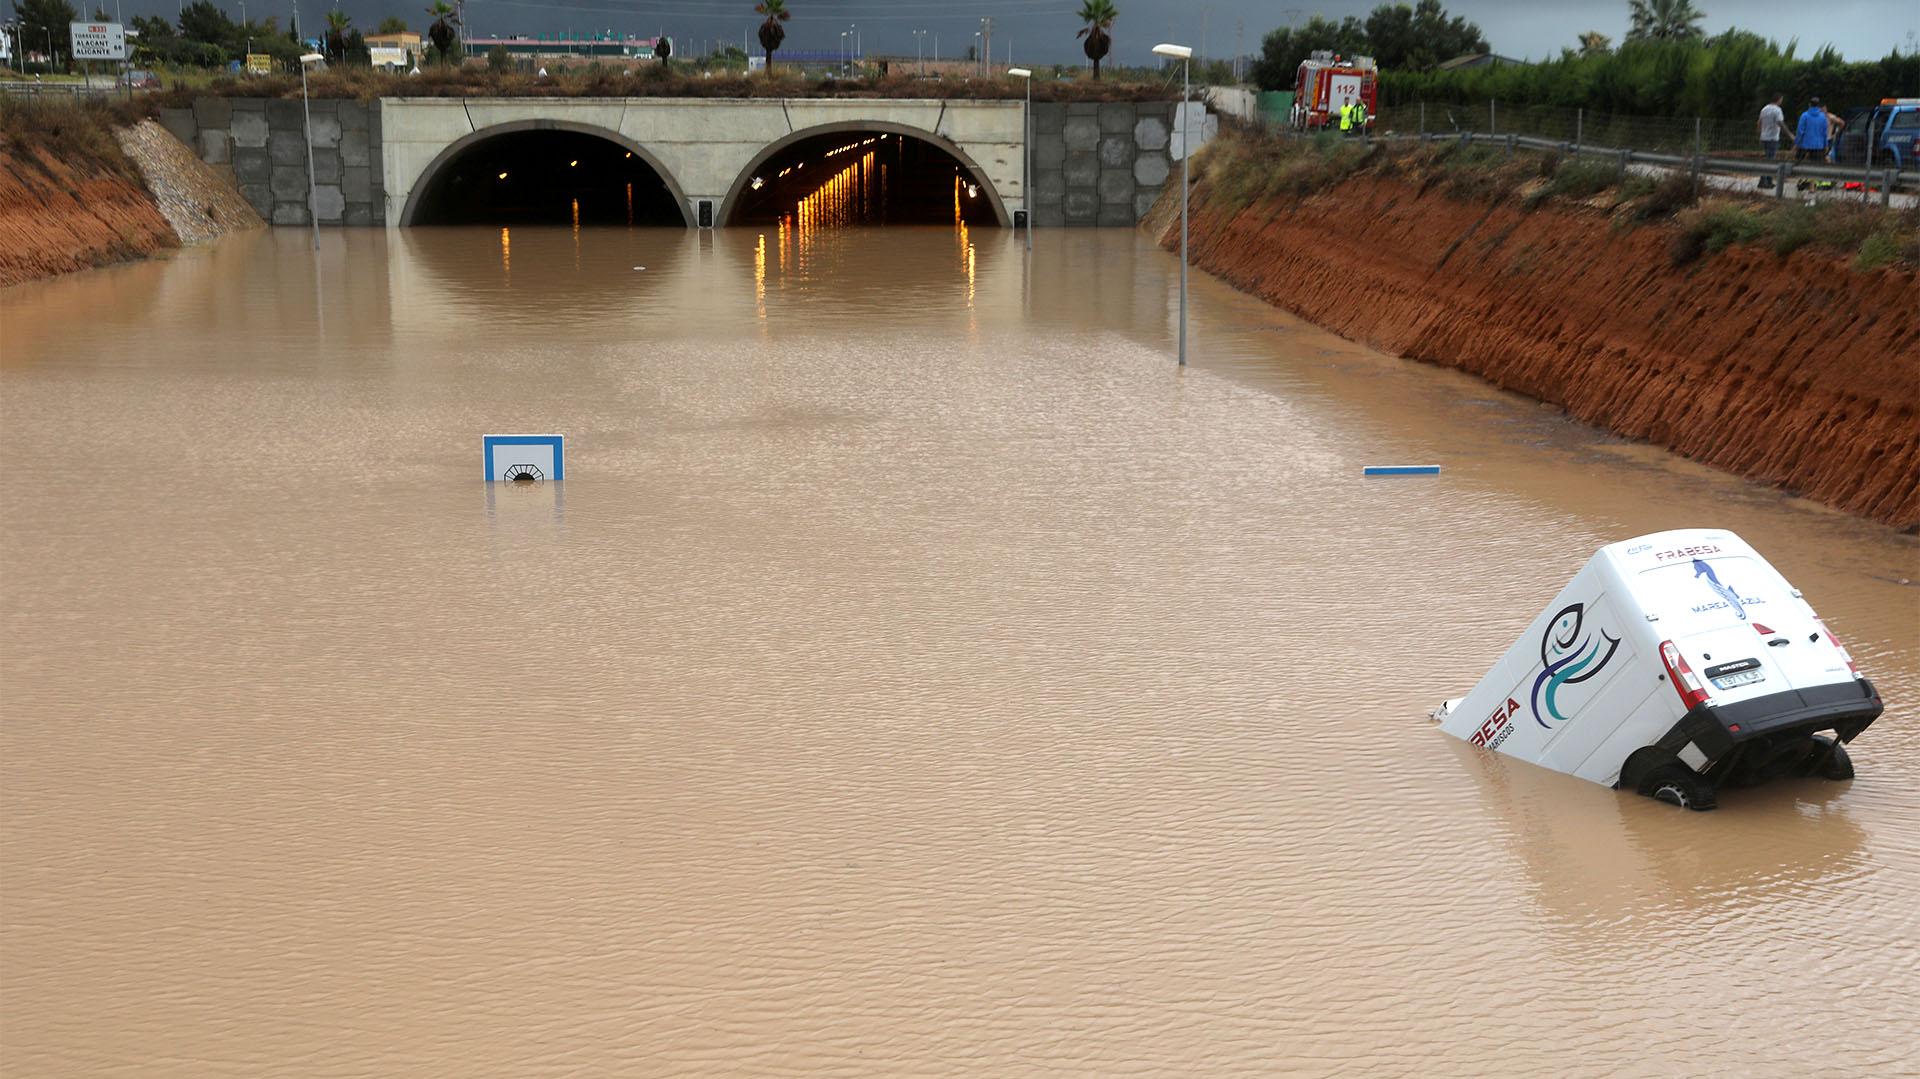 Un vehículo parcialmente sumergido es fotografiado cerca de un túnel inundado después de fuertes lluvias en Pilar de la Horadada, España (REUTERS/Sergio Pérez)